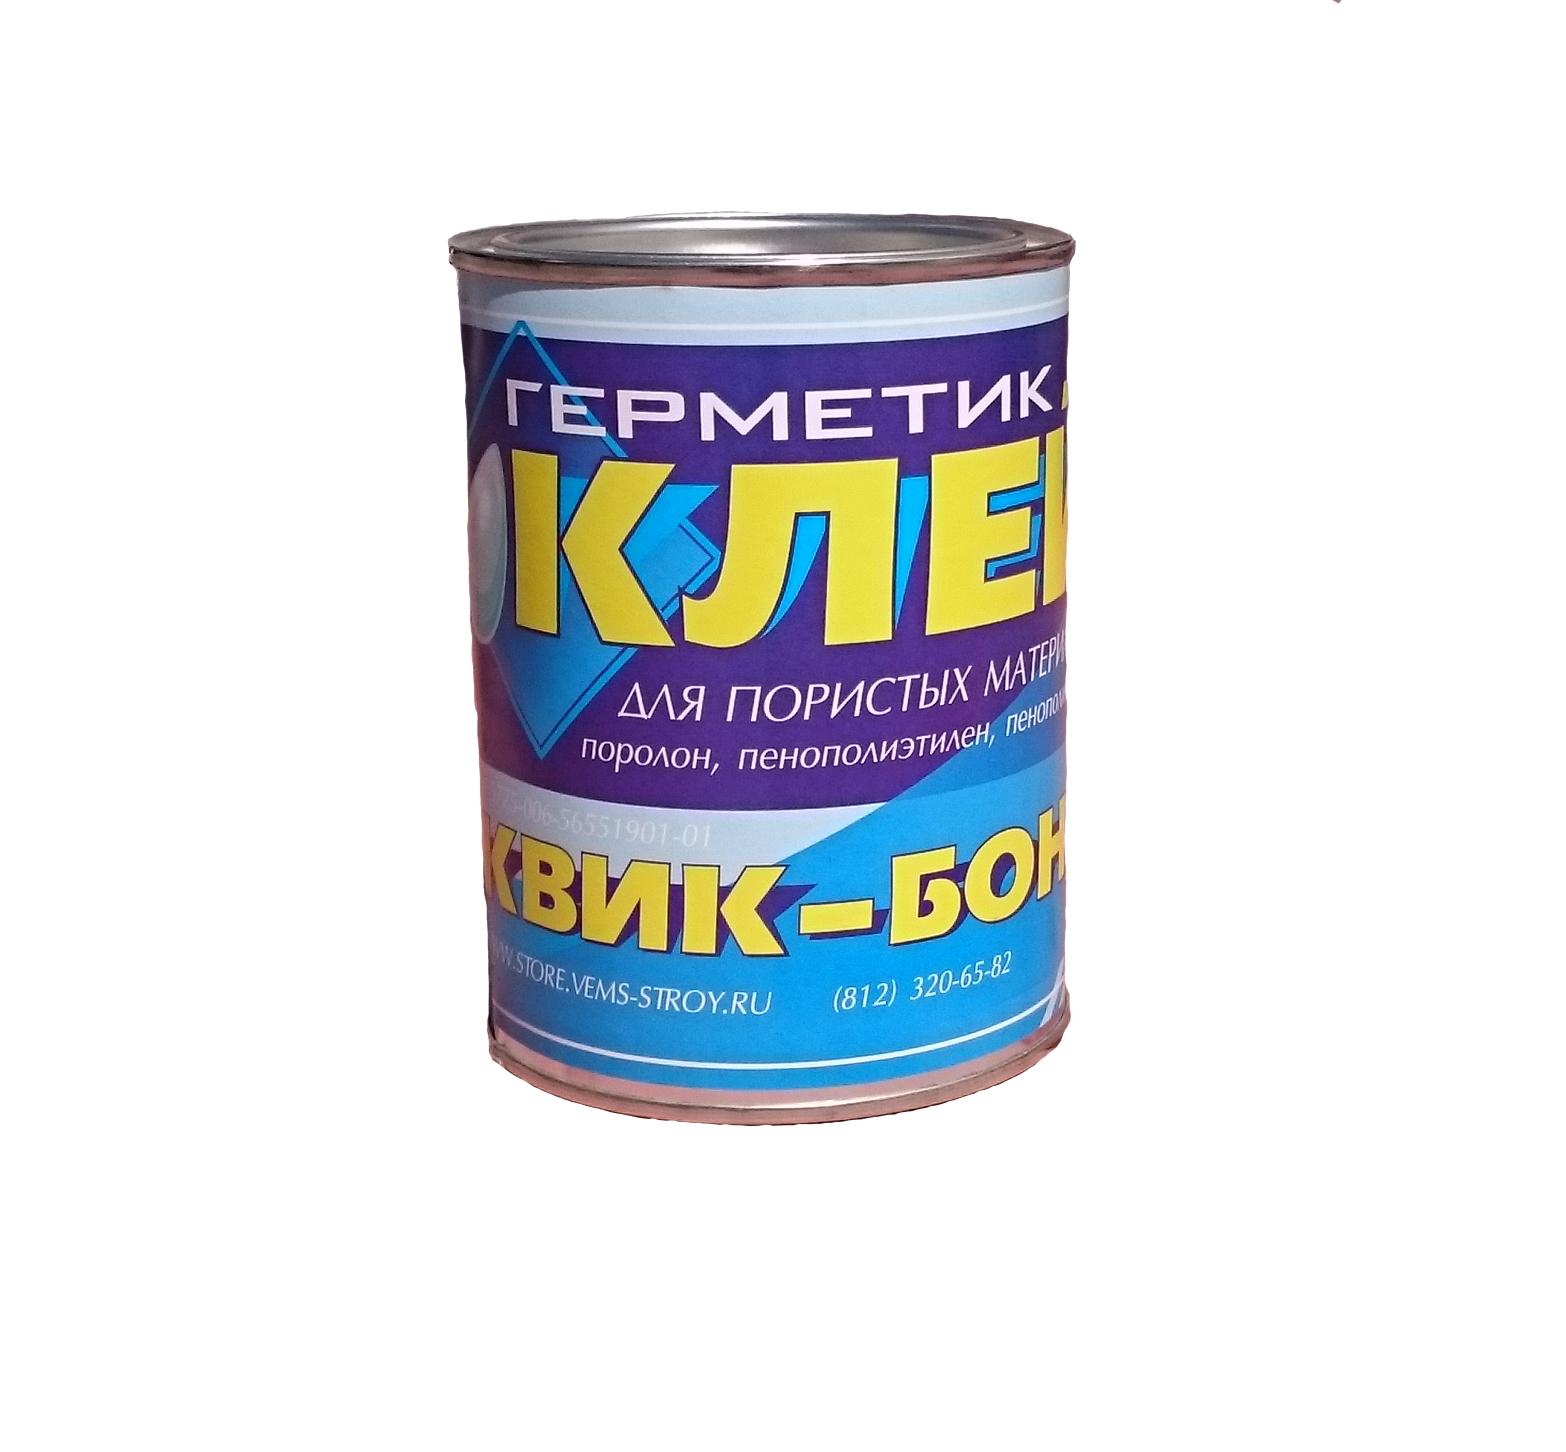 Монтажный клей: морозостойкий вариант для гипсокартона и пенополистирола, тонкости использования, продукция soudal, henkel и axton